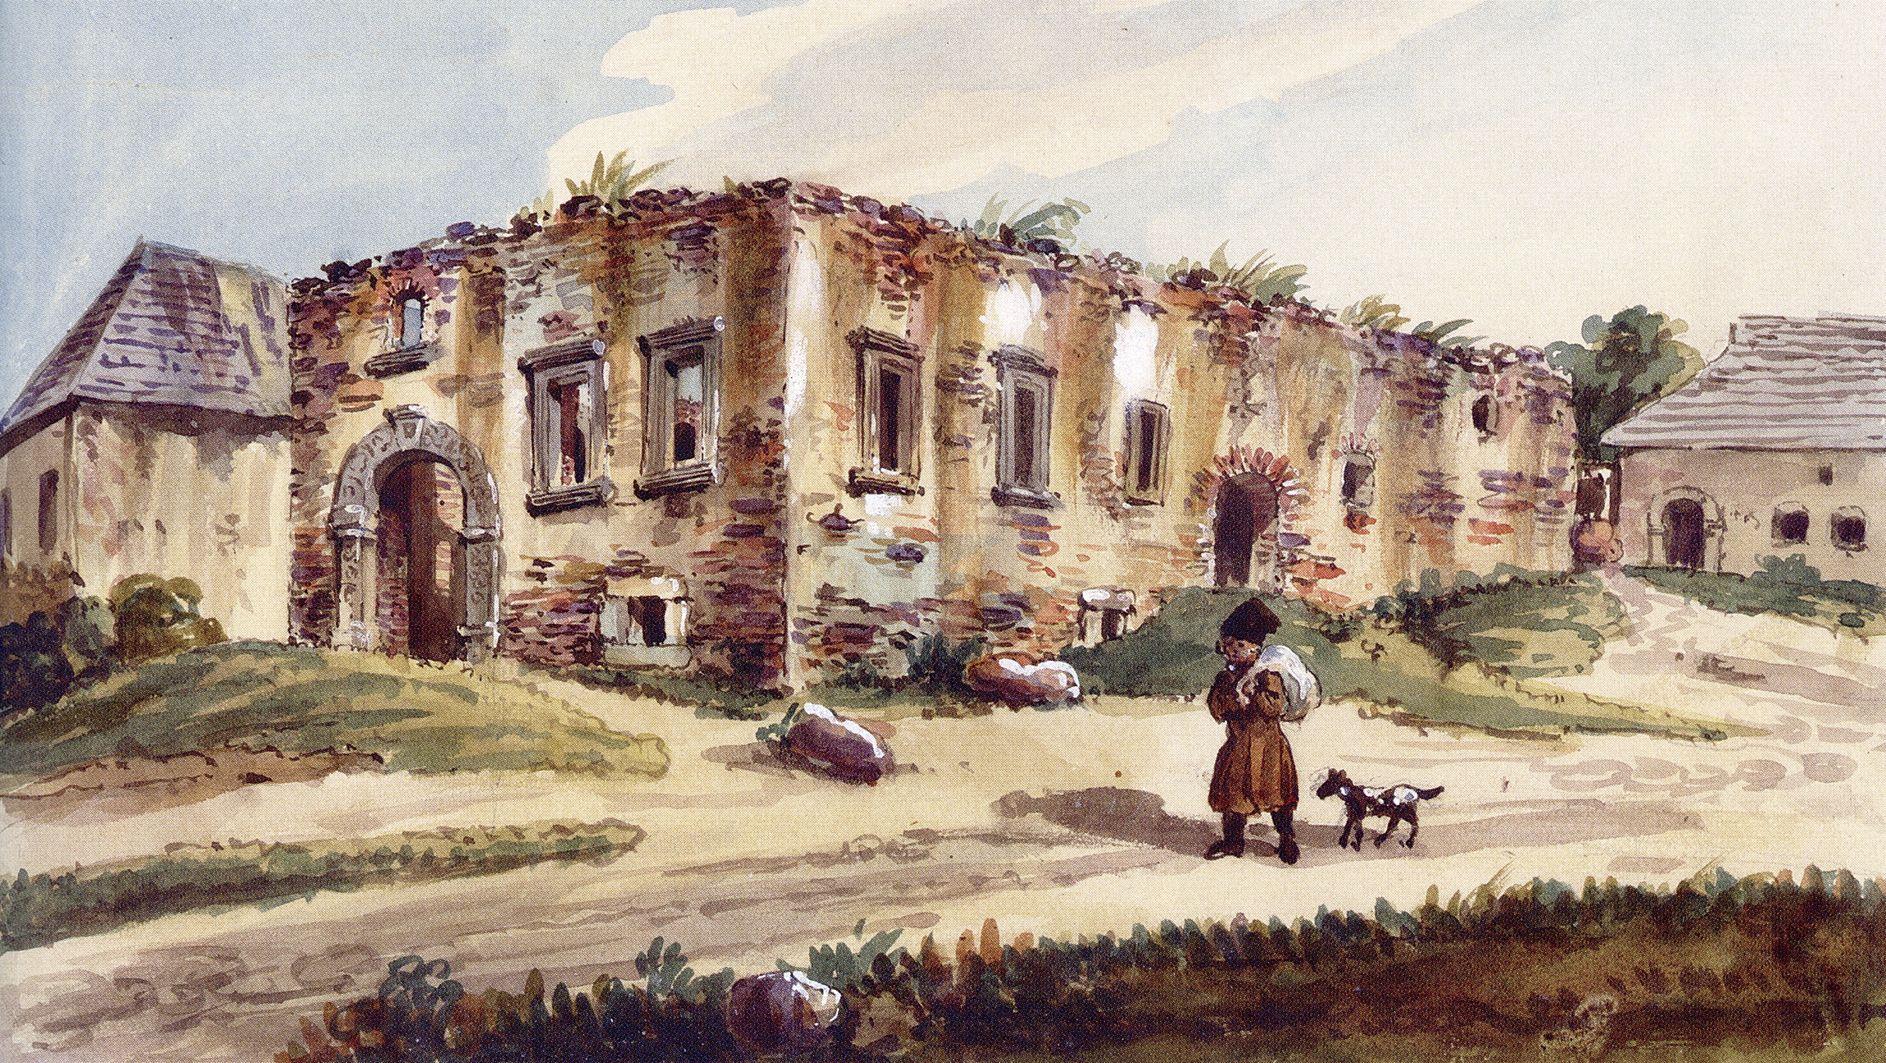 Каєтан Вінцент Кєлісінський. Язлівець. Руїни замку, 1838, акварель